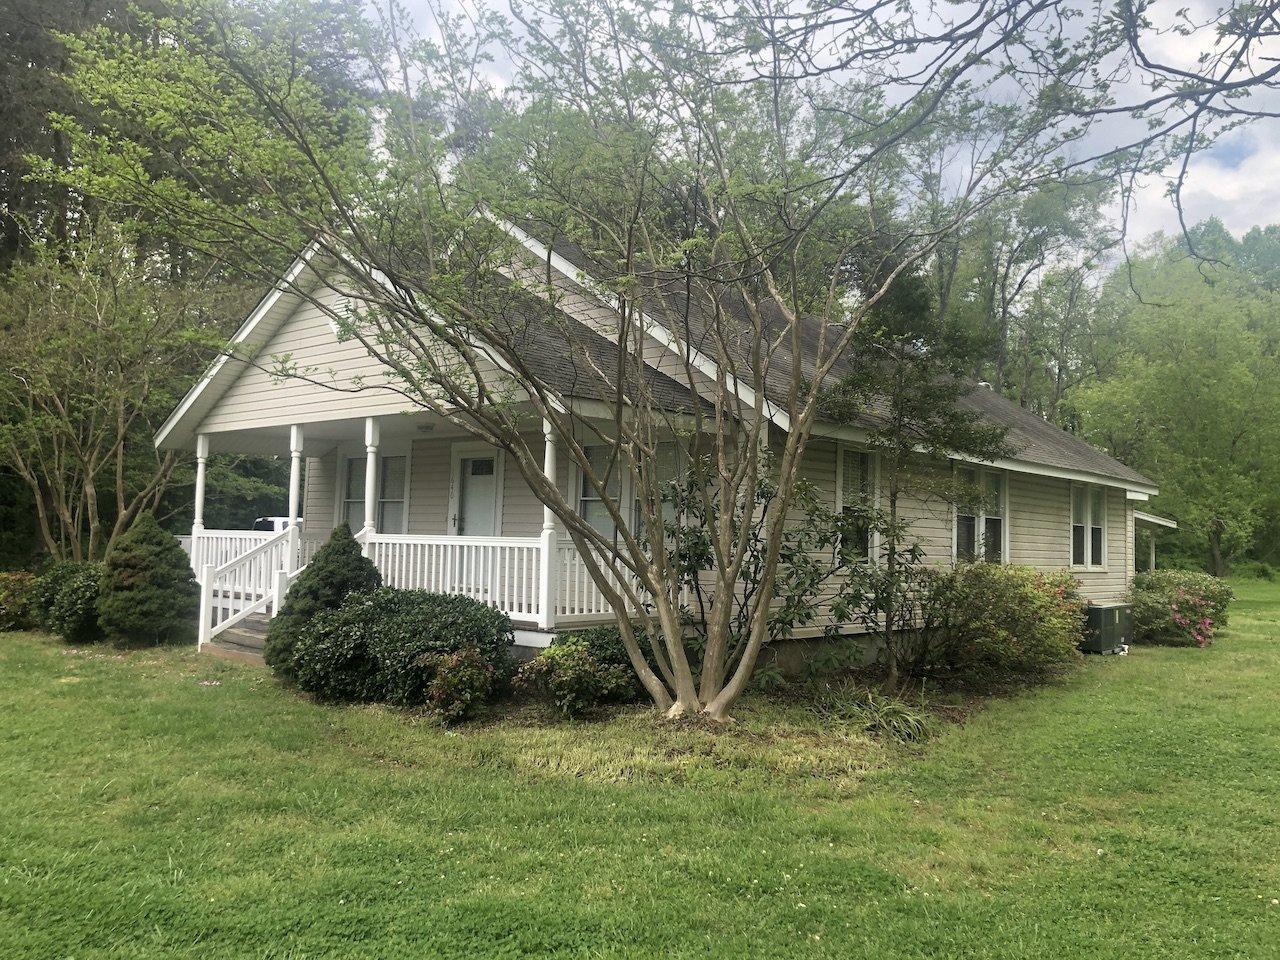 Rowan County House & 12.5 Acres